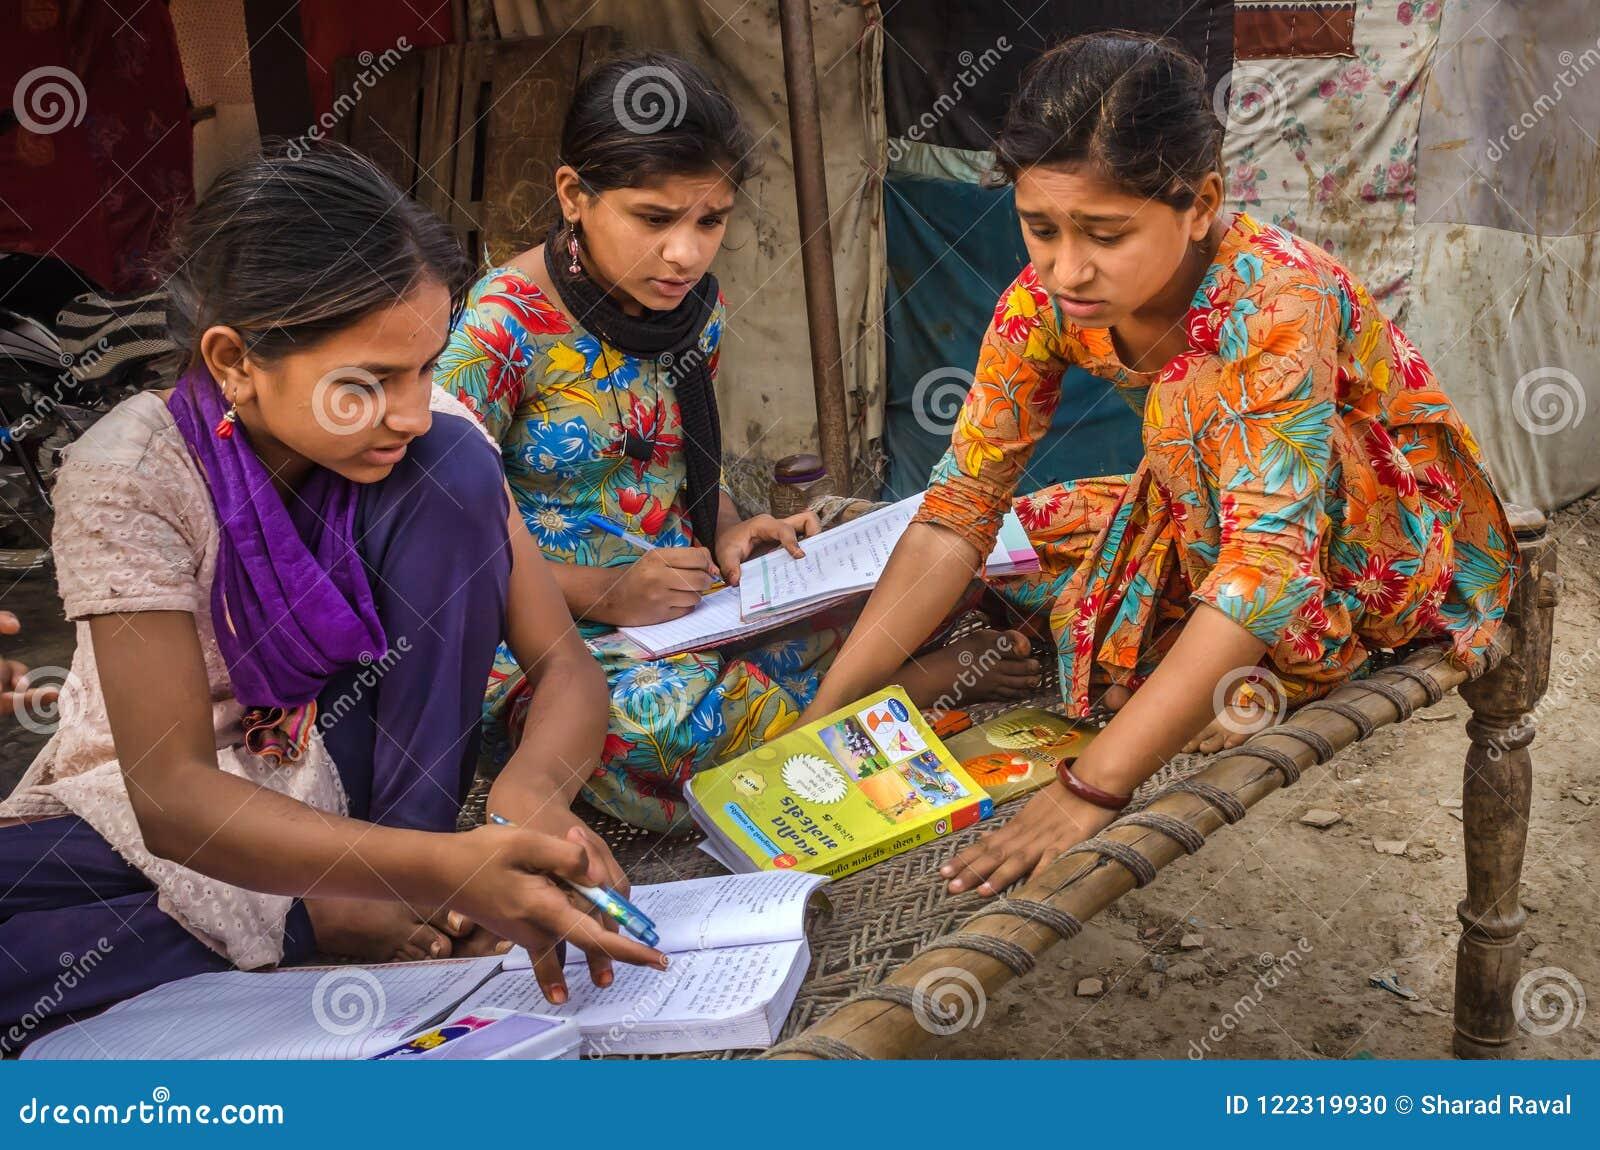 Работа для девушки в индии где найти девушку на работу